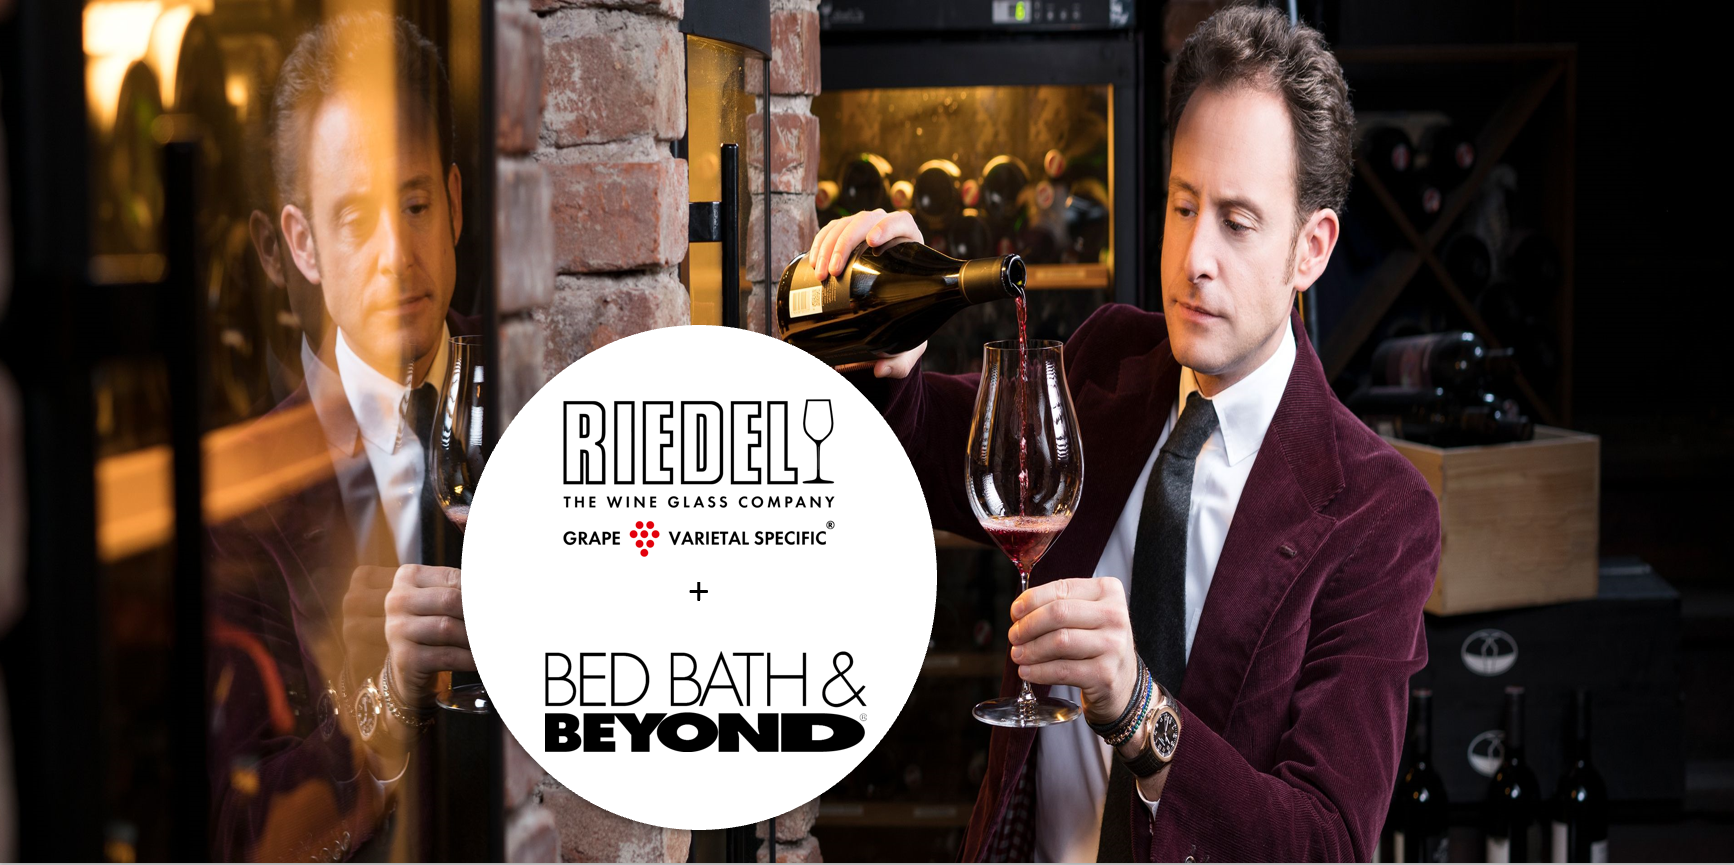 RIEDEL Wine Workshop at Bed Bath & Beyond